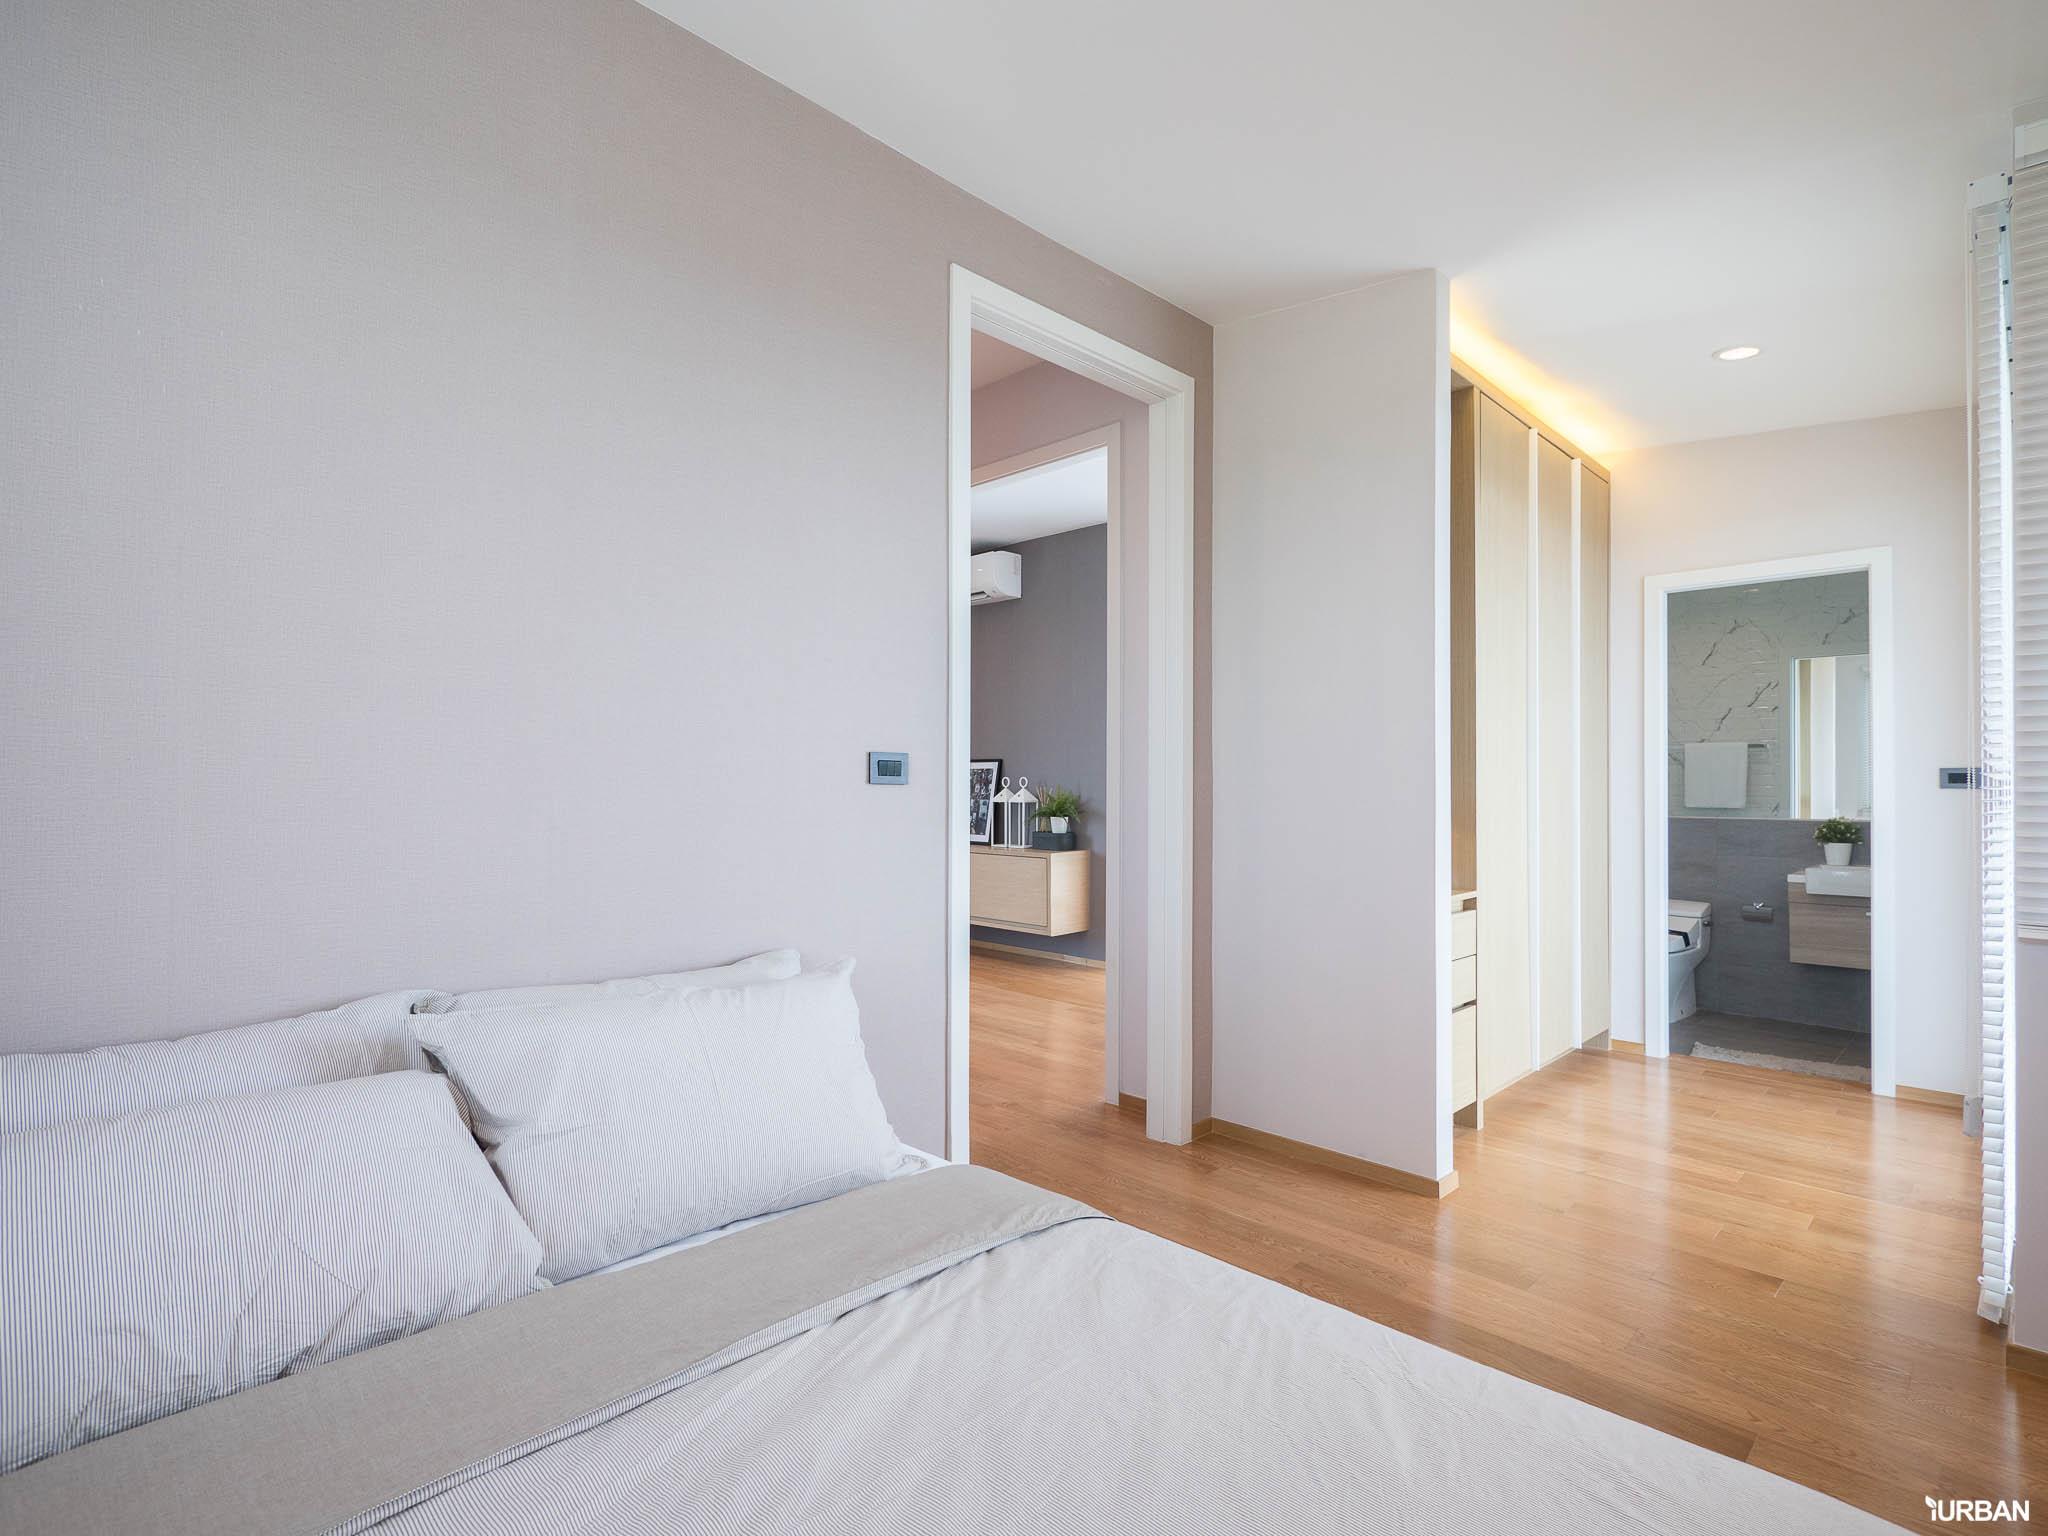 รีวิว Nirvana BEYOND Udonthani บ้านเดี่ยว 3 ชั้น ดีไซน์บิดสุดโมเดิร์น บนที่ดินสุดท้ายหน้าหนองประจักษ์ 169 - Luxury